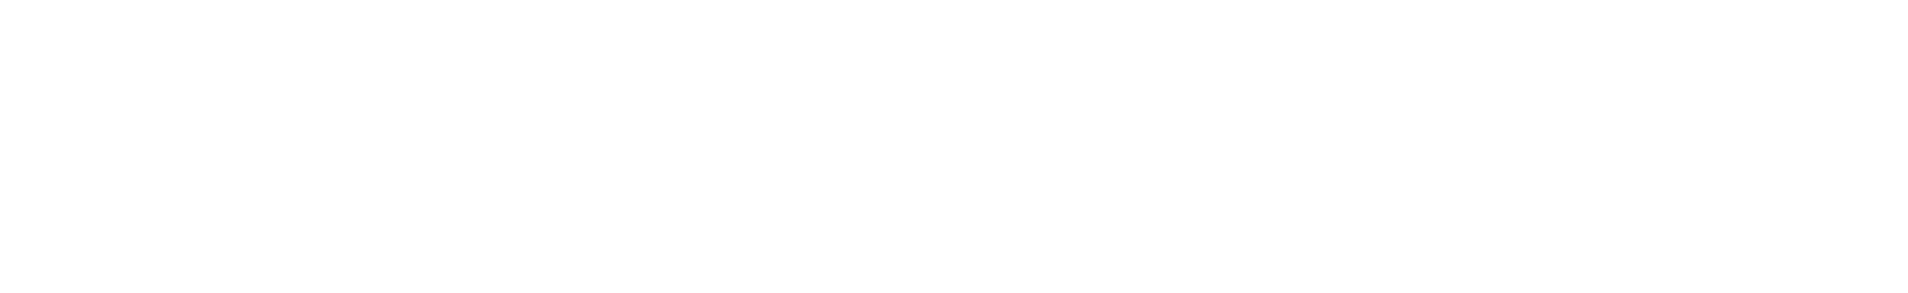 DoC_logo_official_white